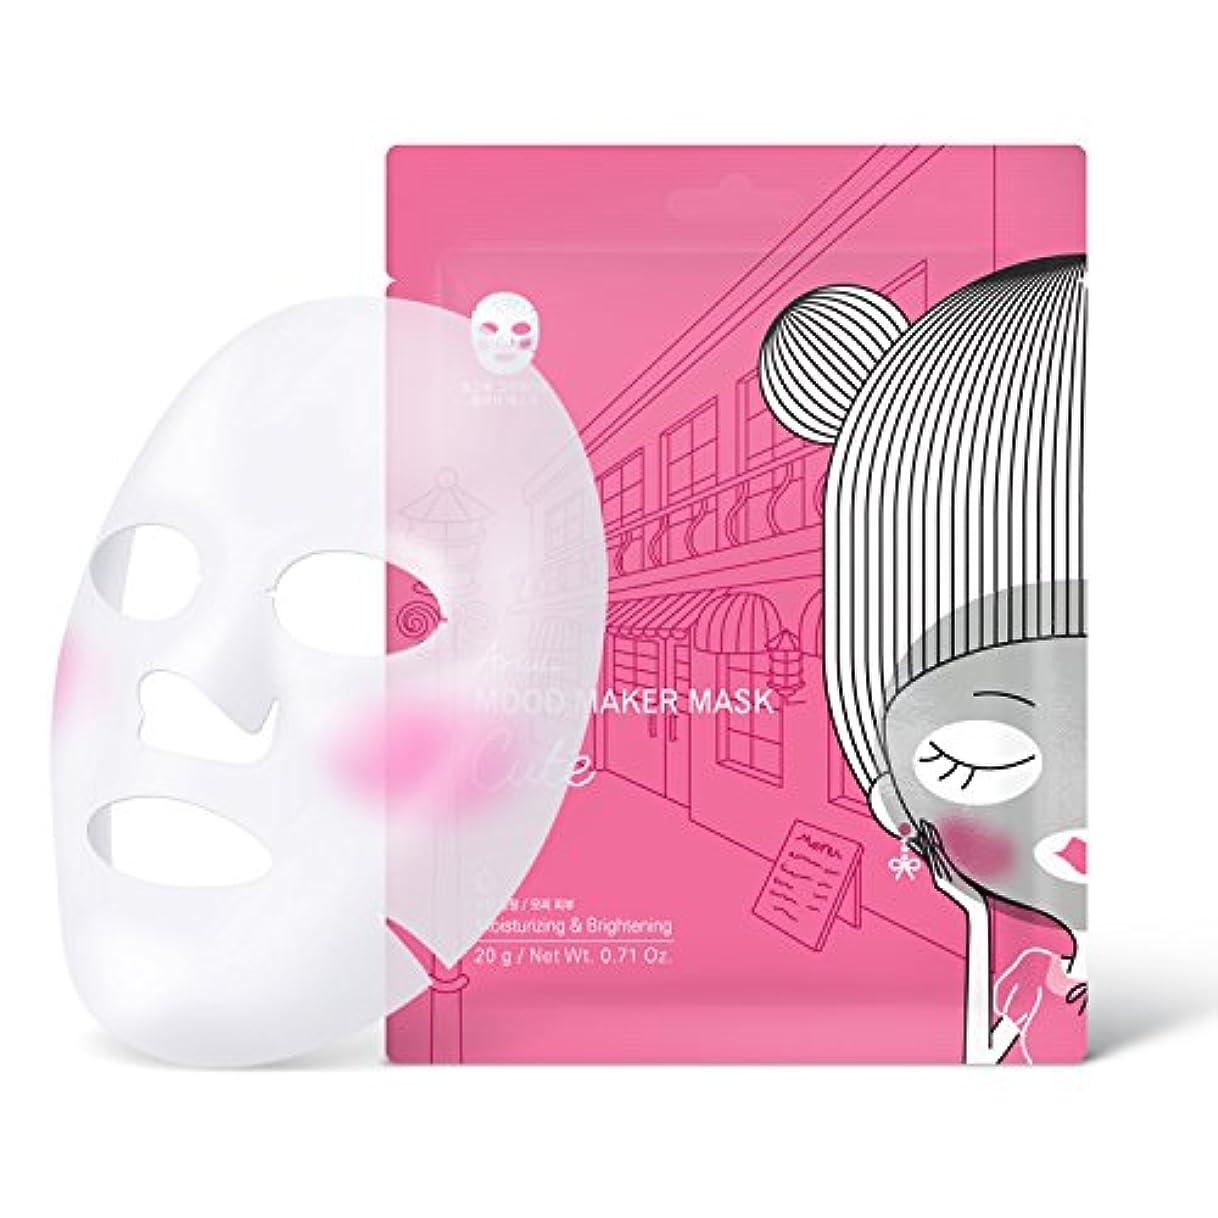 道路を作るプロセス現金実現可能アリウル ムードメーカーマスク キュート 1枚入り